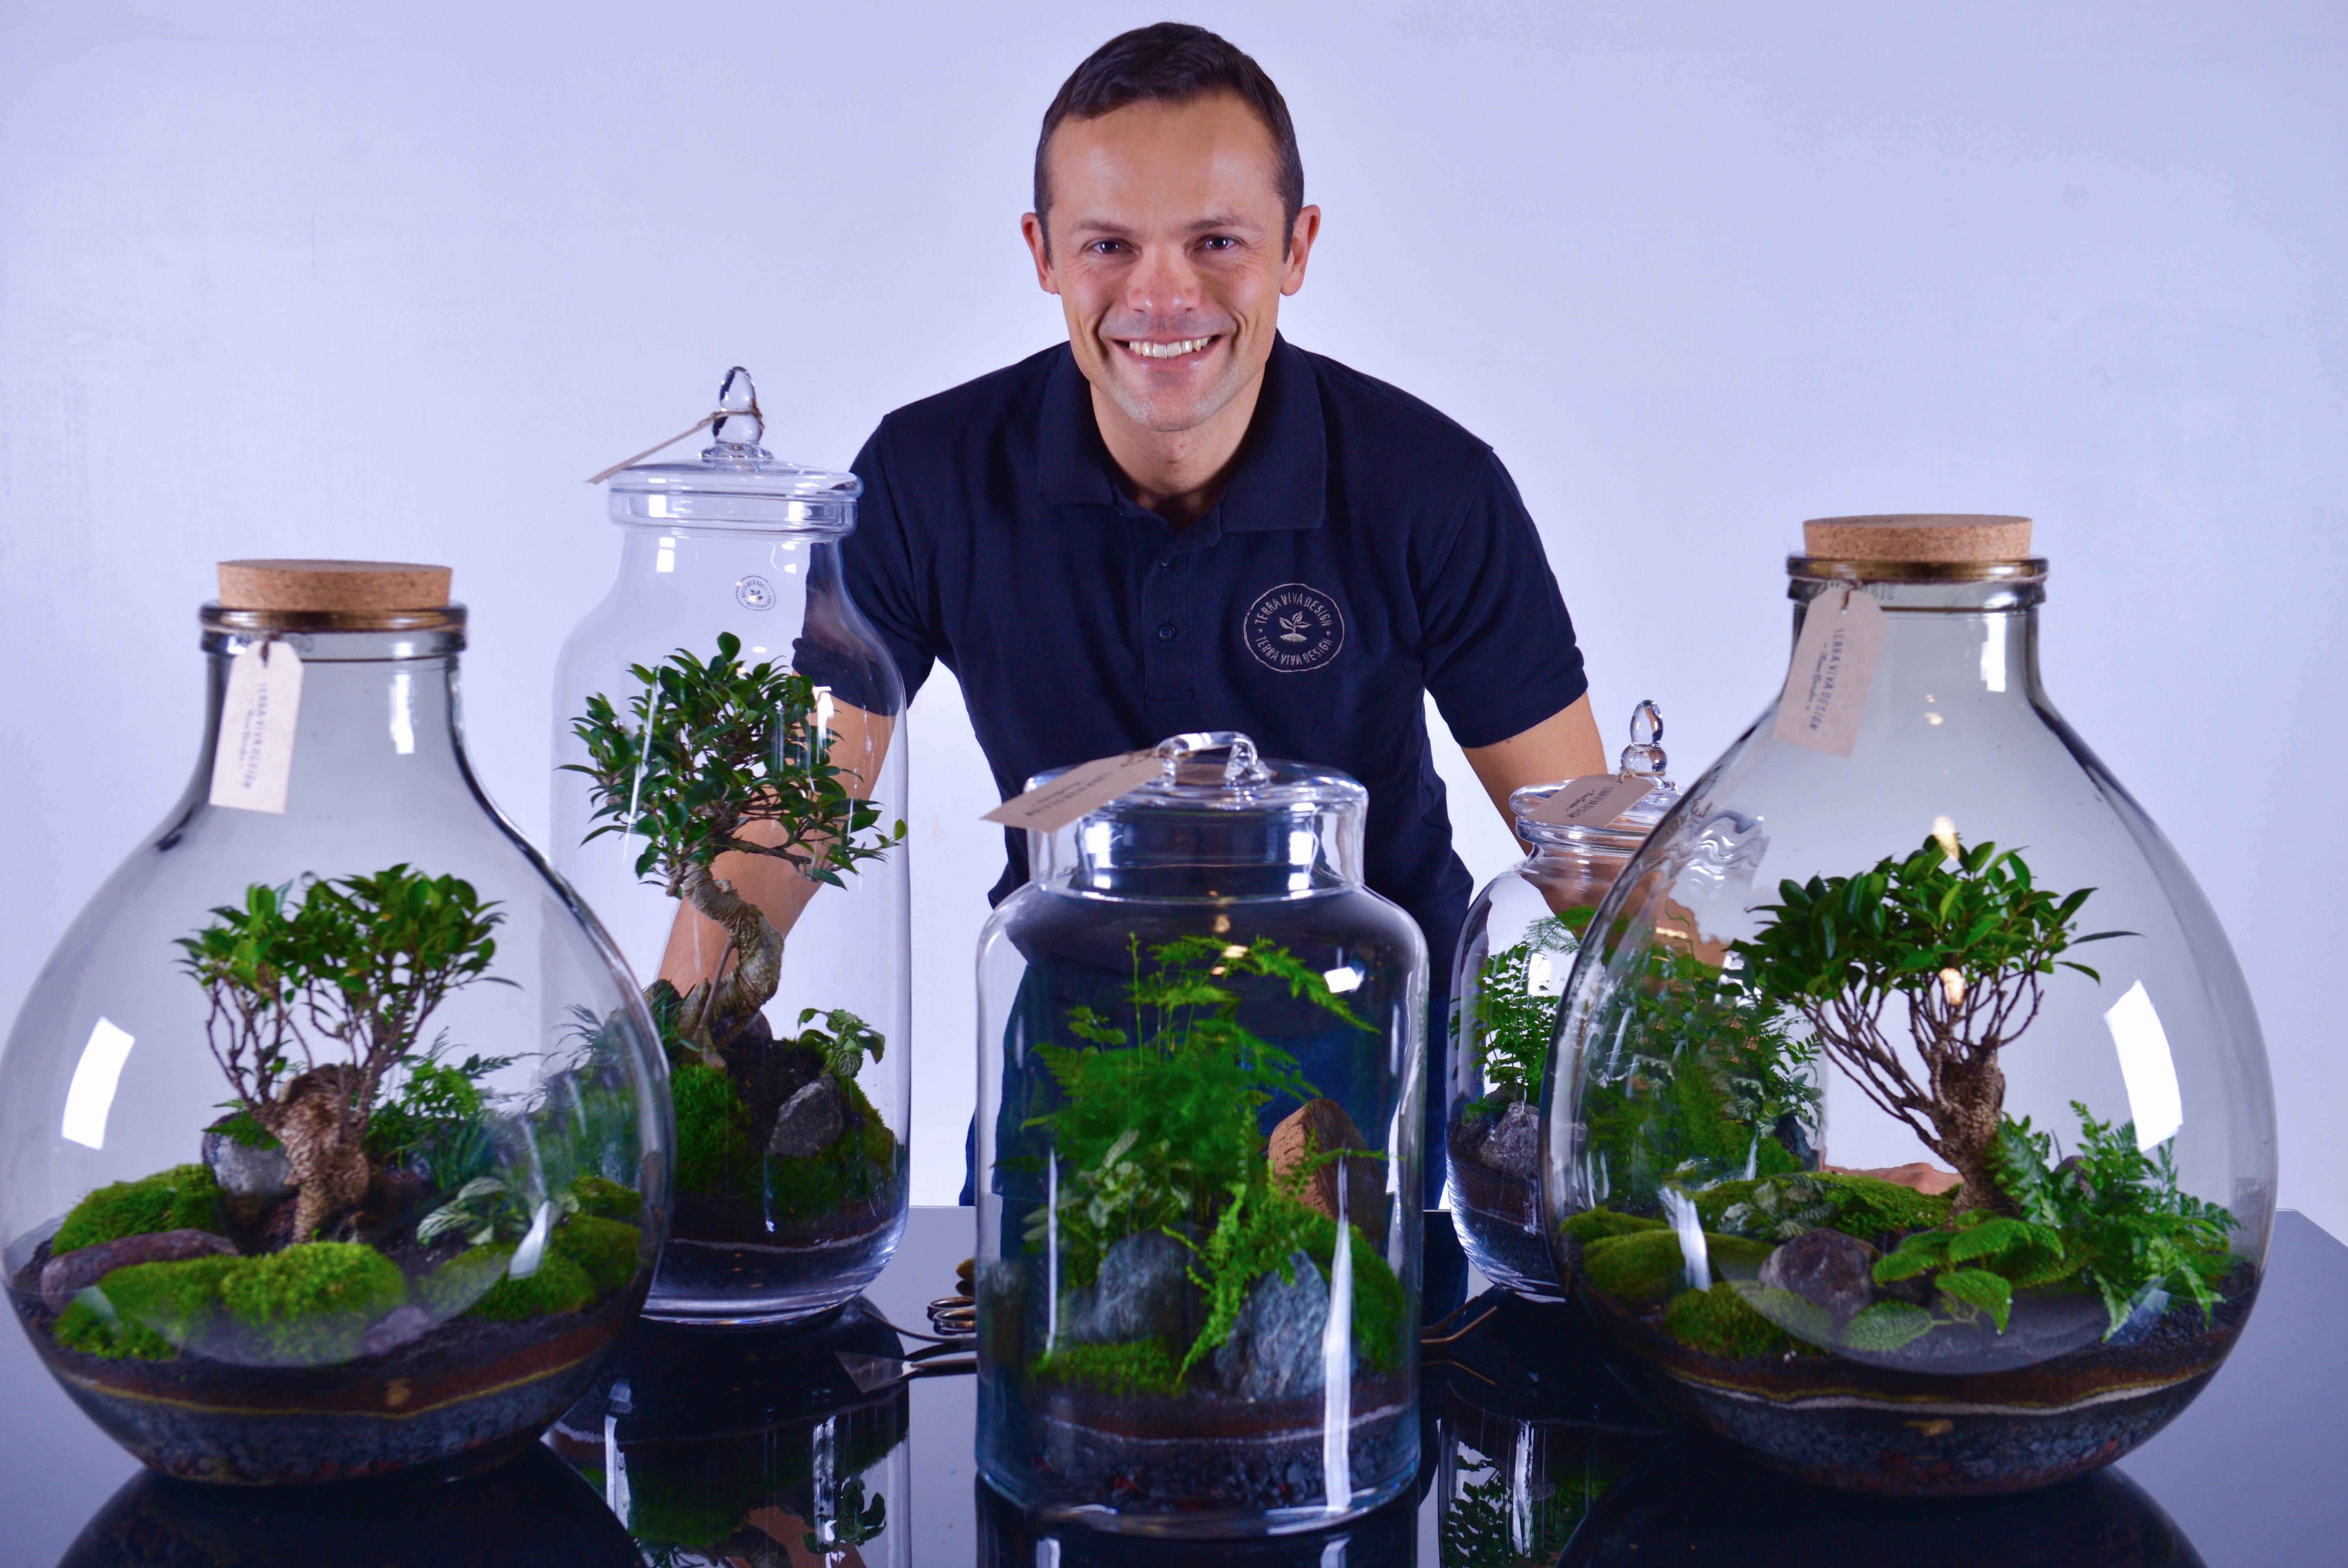 Stefano Tubaldo, l'artista dei Nano Garden